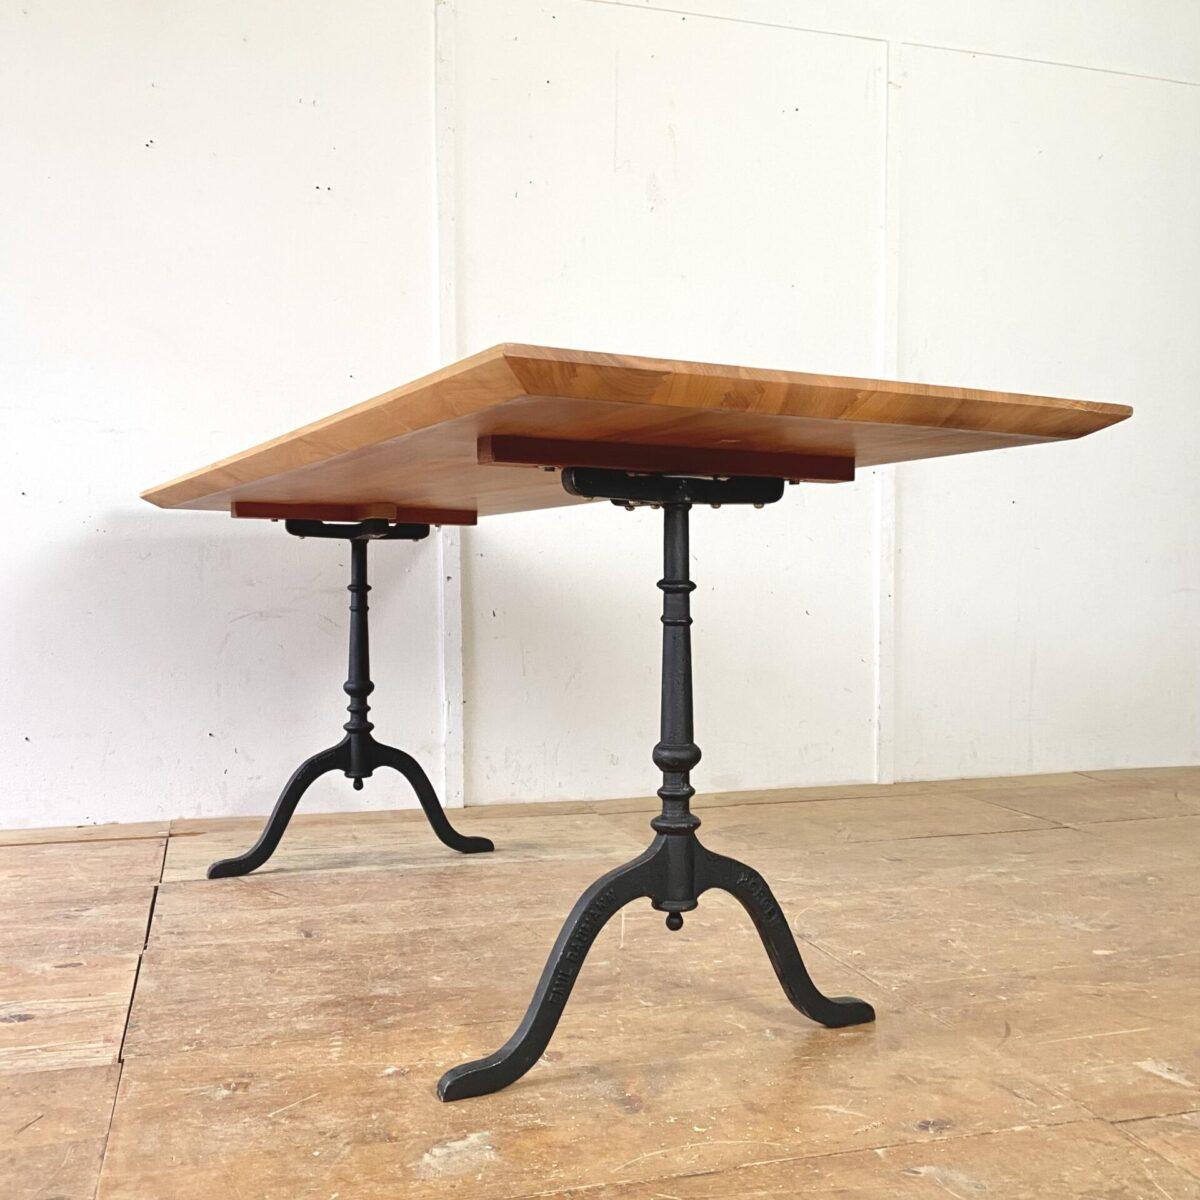 Esstisch alter Kirschbaum Holztisch mit Gussfuss Horgen Glarus. Neuere Beizentische aus Kirschbaum Vollholz. Der lange mit Horgenglarus (Emil Baumann) Gussfüssen misst 200x74.5cm Höhe 76.5cm. Der kleine gibt es zweimal 178x74.5cm Höhe 76.5cm 980.- pro Tisch. Die Tischblätter sind 4cm dick, Tischkanten von unten verjüngt. Die Holzoberflächen sind mit Naturöl behandelt.